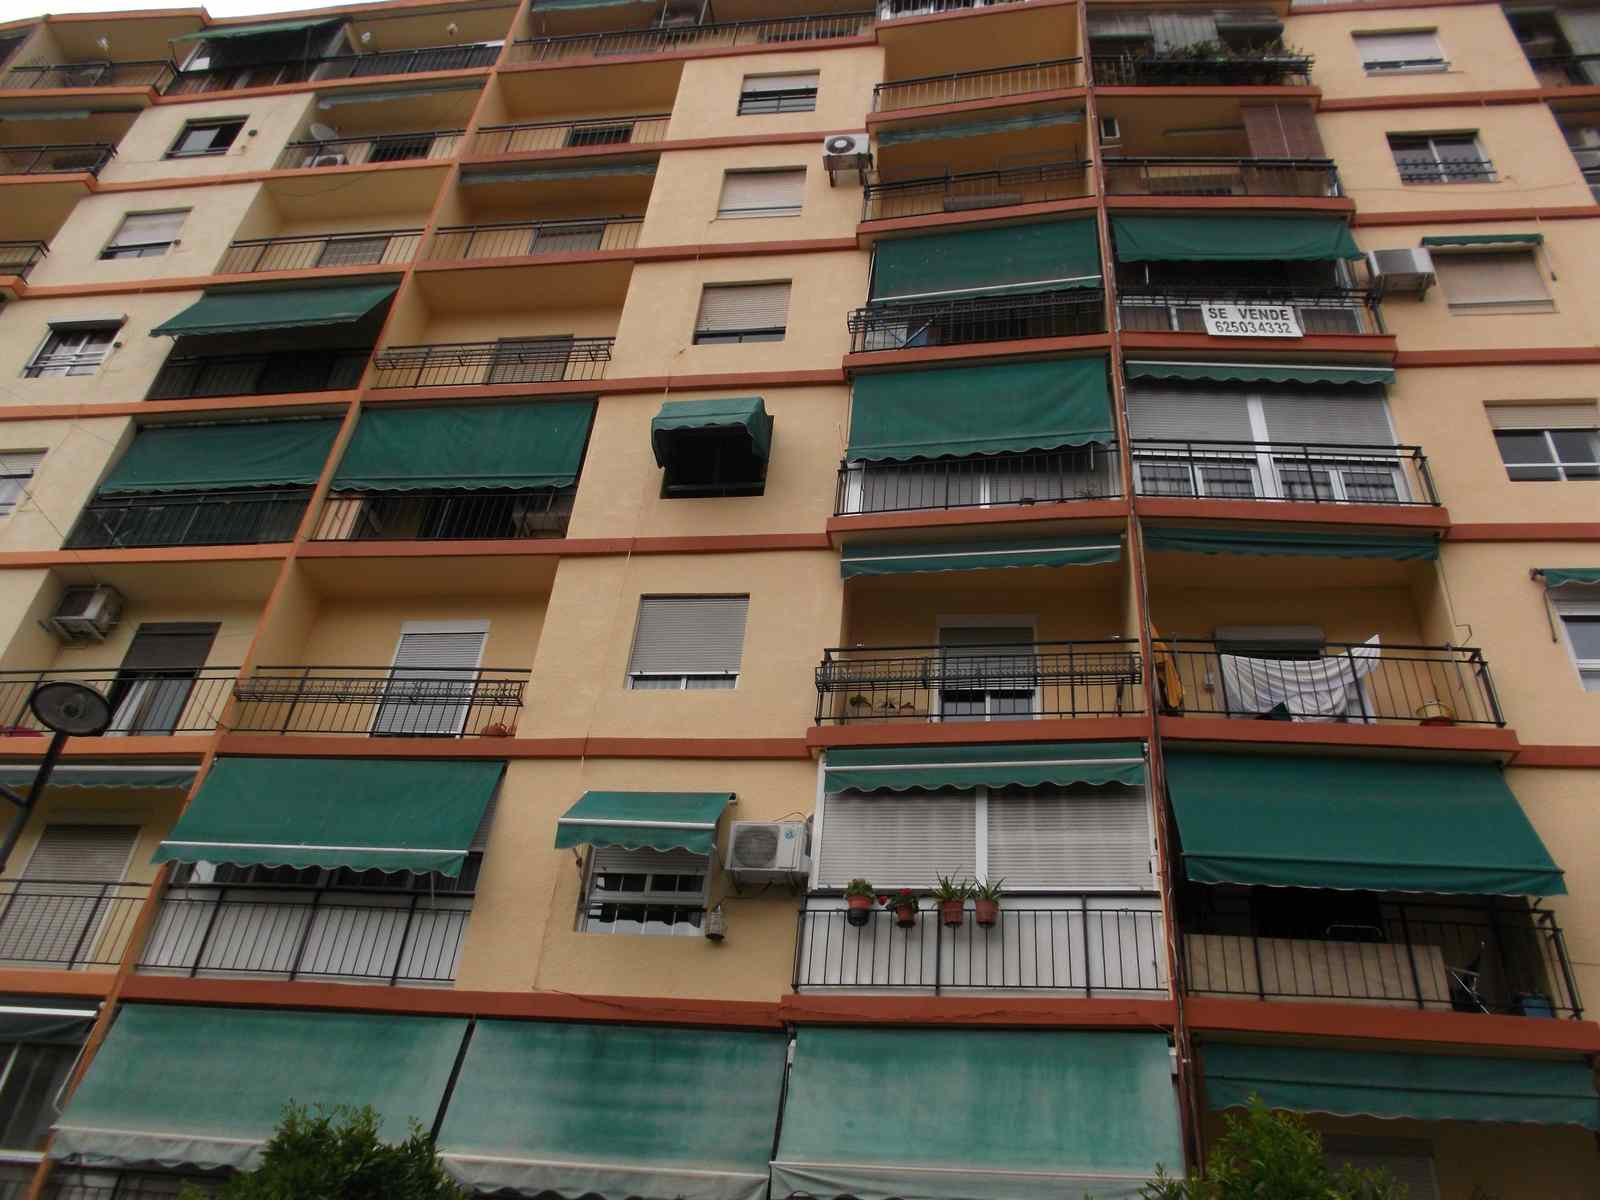 Encuentra casas y pisos en venta en algir s valencia capital donpiso - Pisos solvia valencia ...